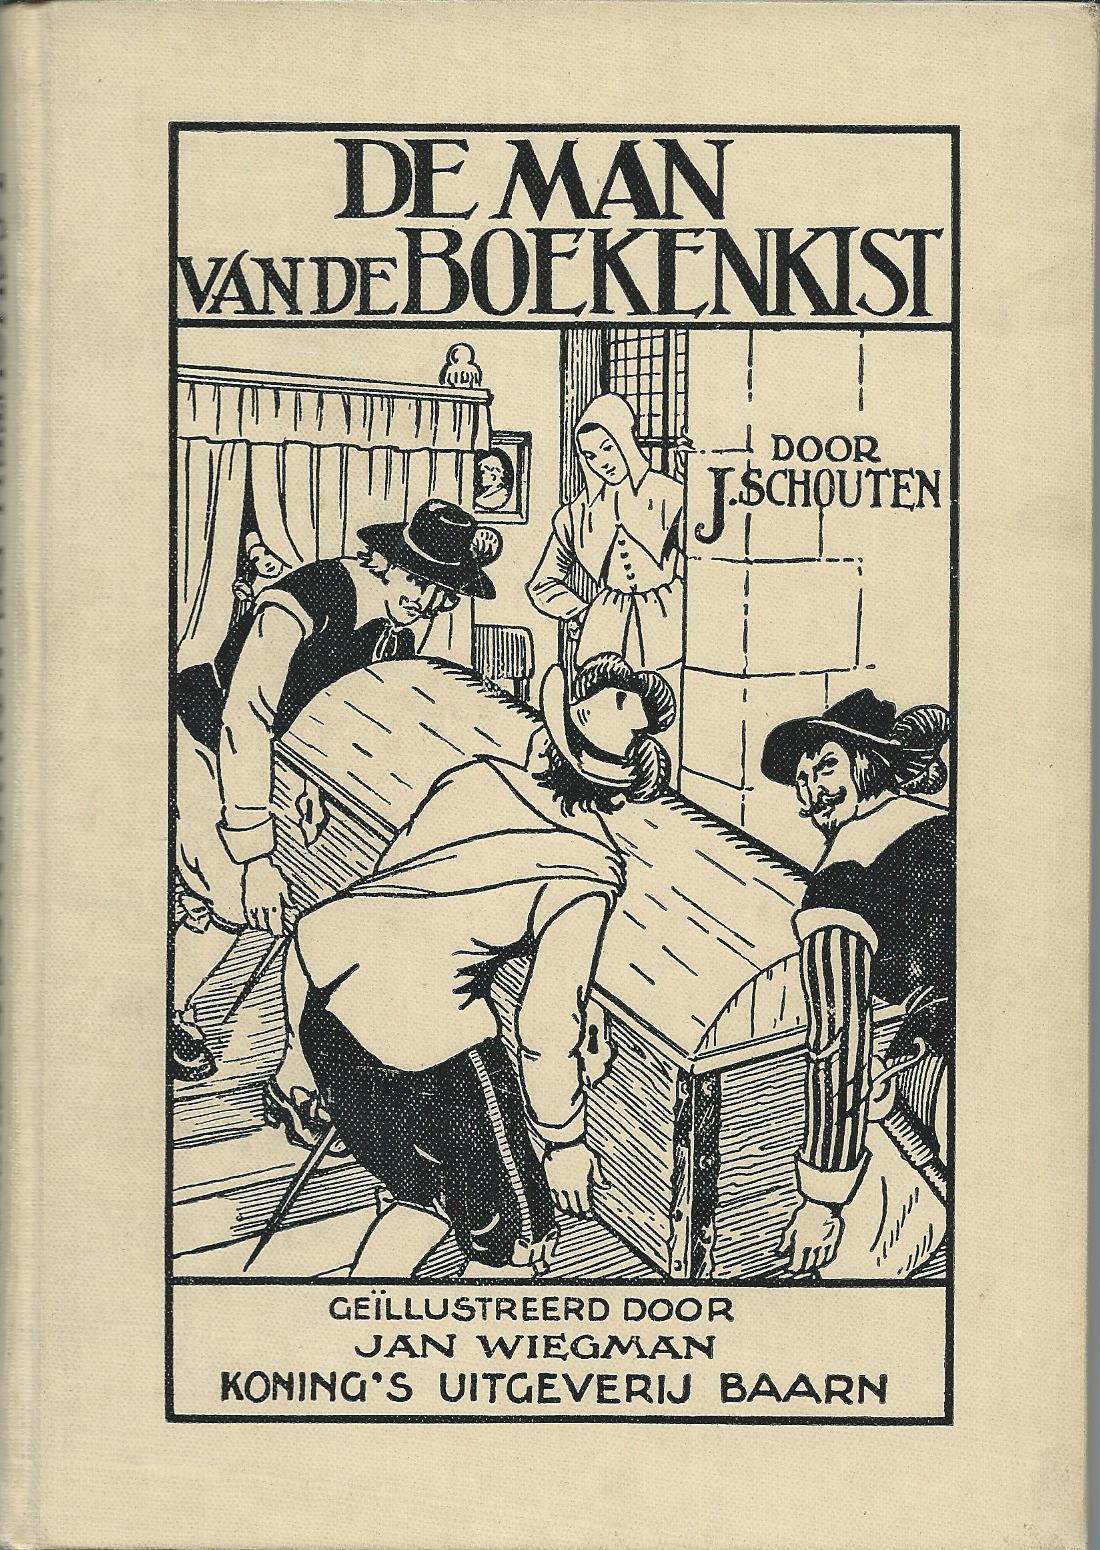 Jan Wiegman, ill. bij 'De man van de boekenkist' door J.Schouten.